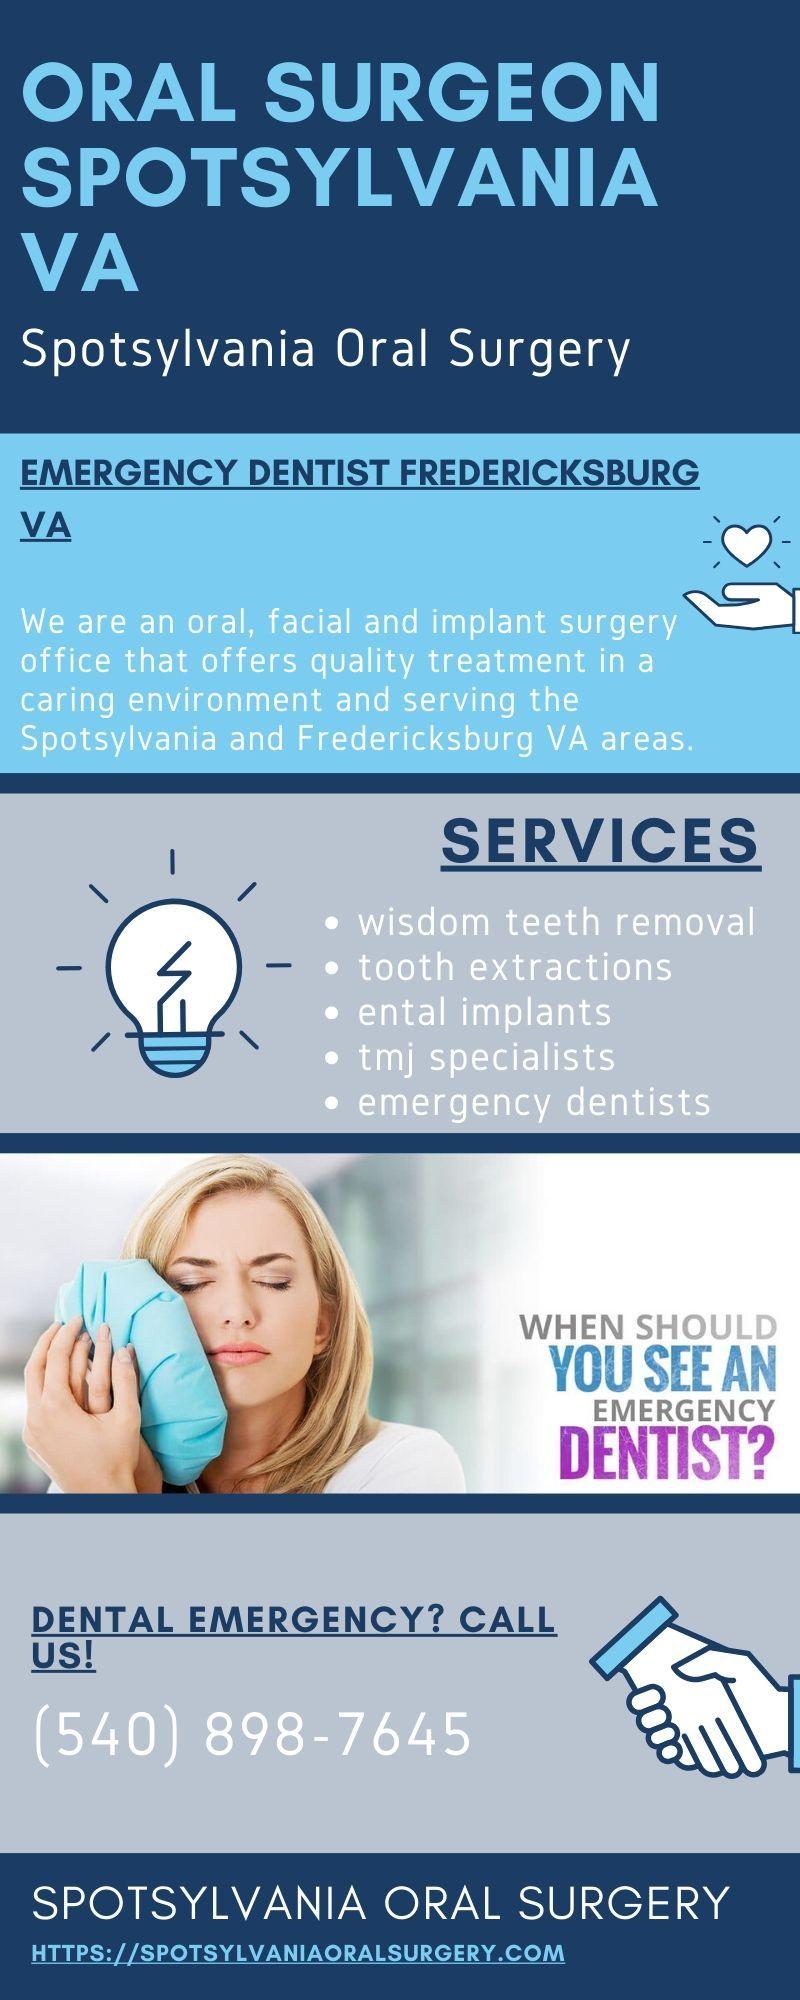 Emergency Dentist Near Fredericksburg VA Spotsylvania